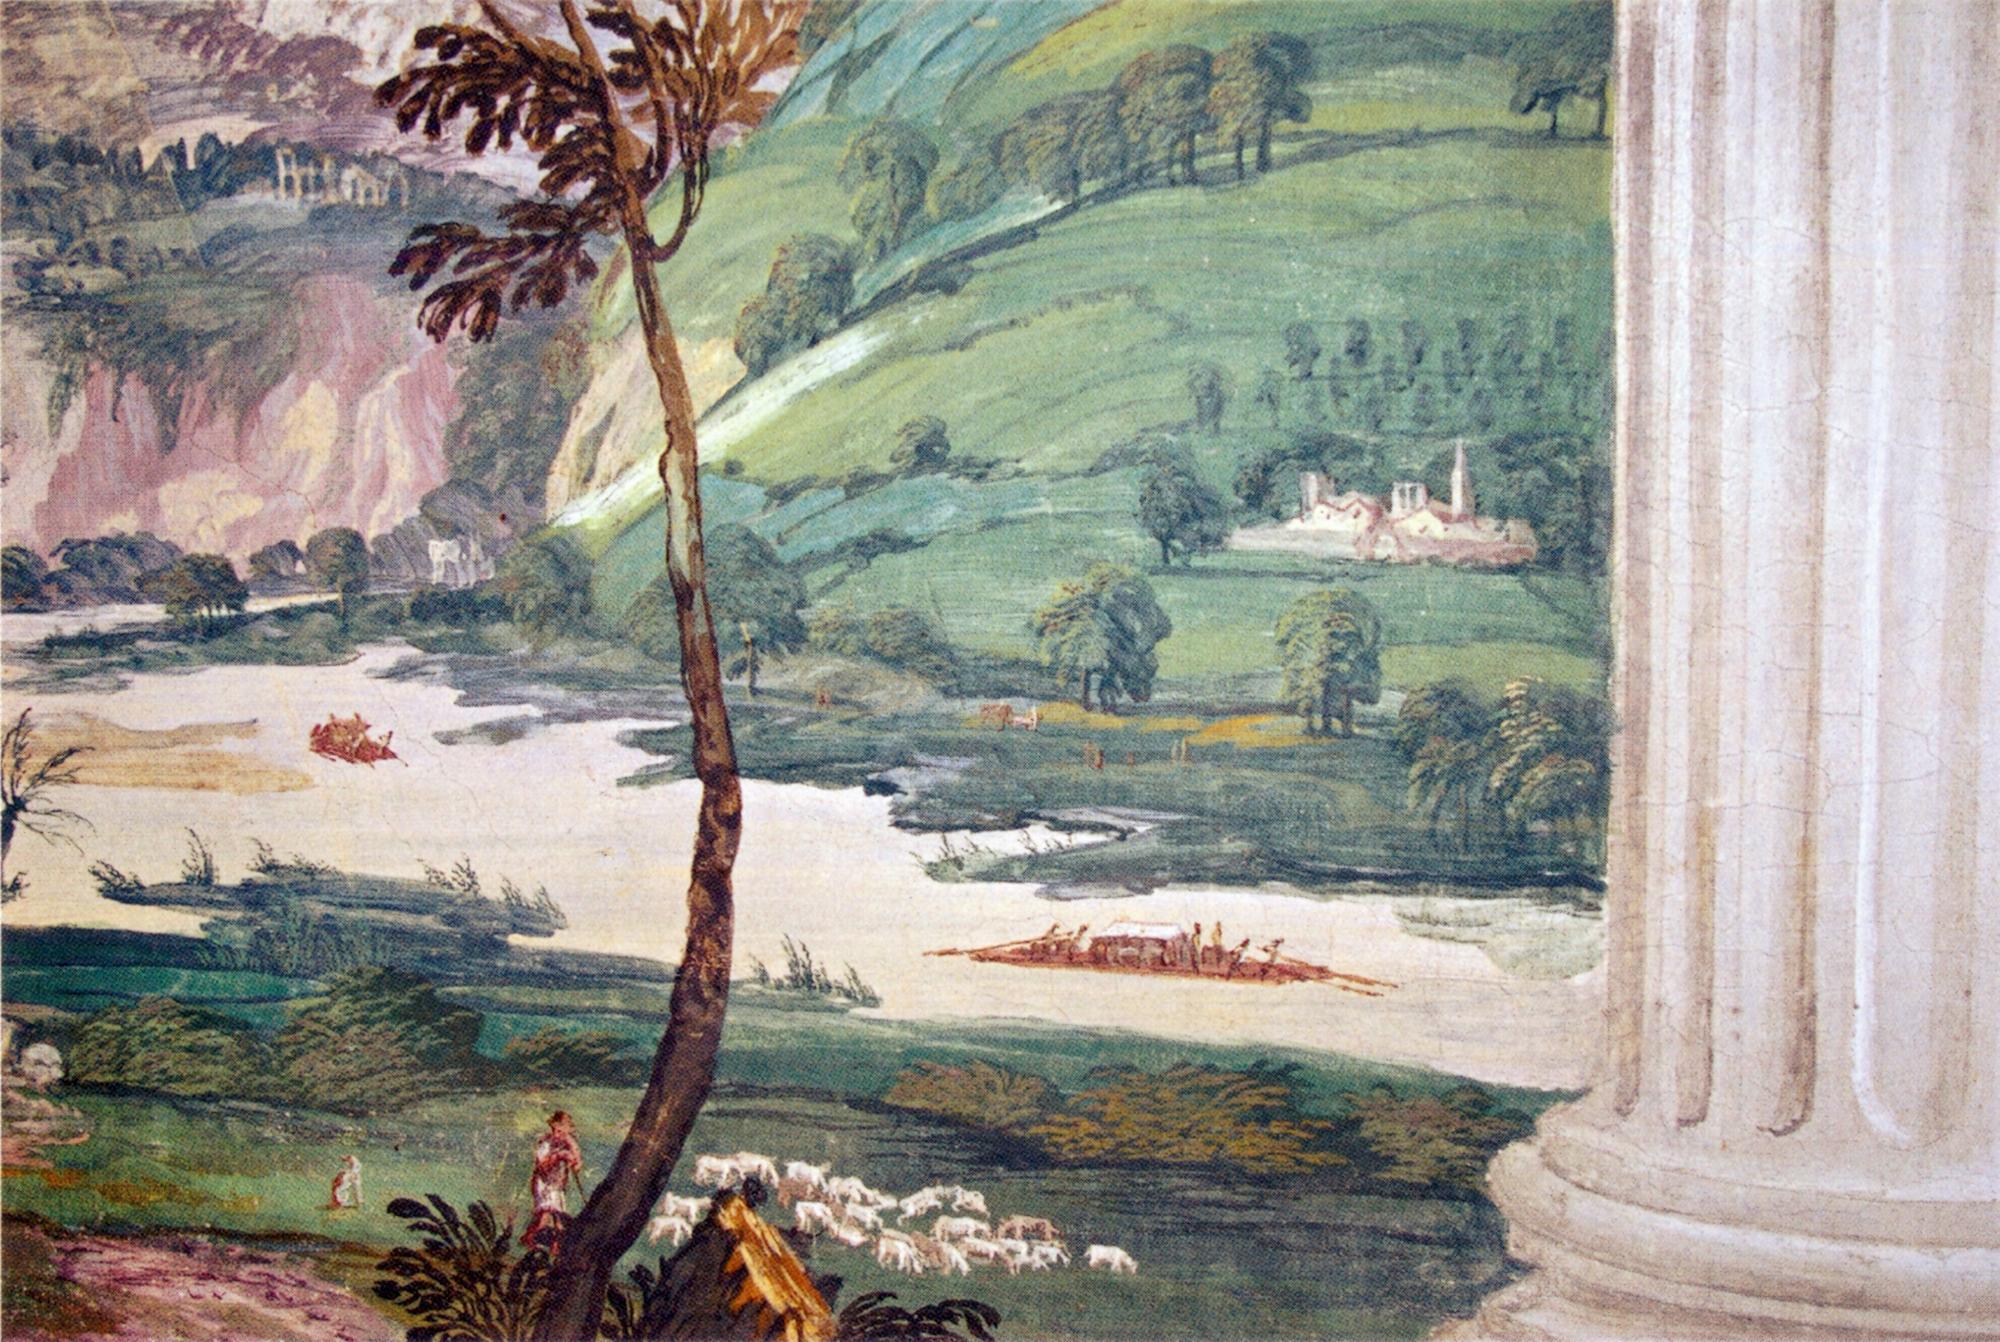 Paolo Veronese, Capriccio fluviale, 1560-61, affresco. Villa Barbaro, Maser (TV).